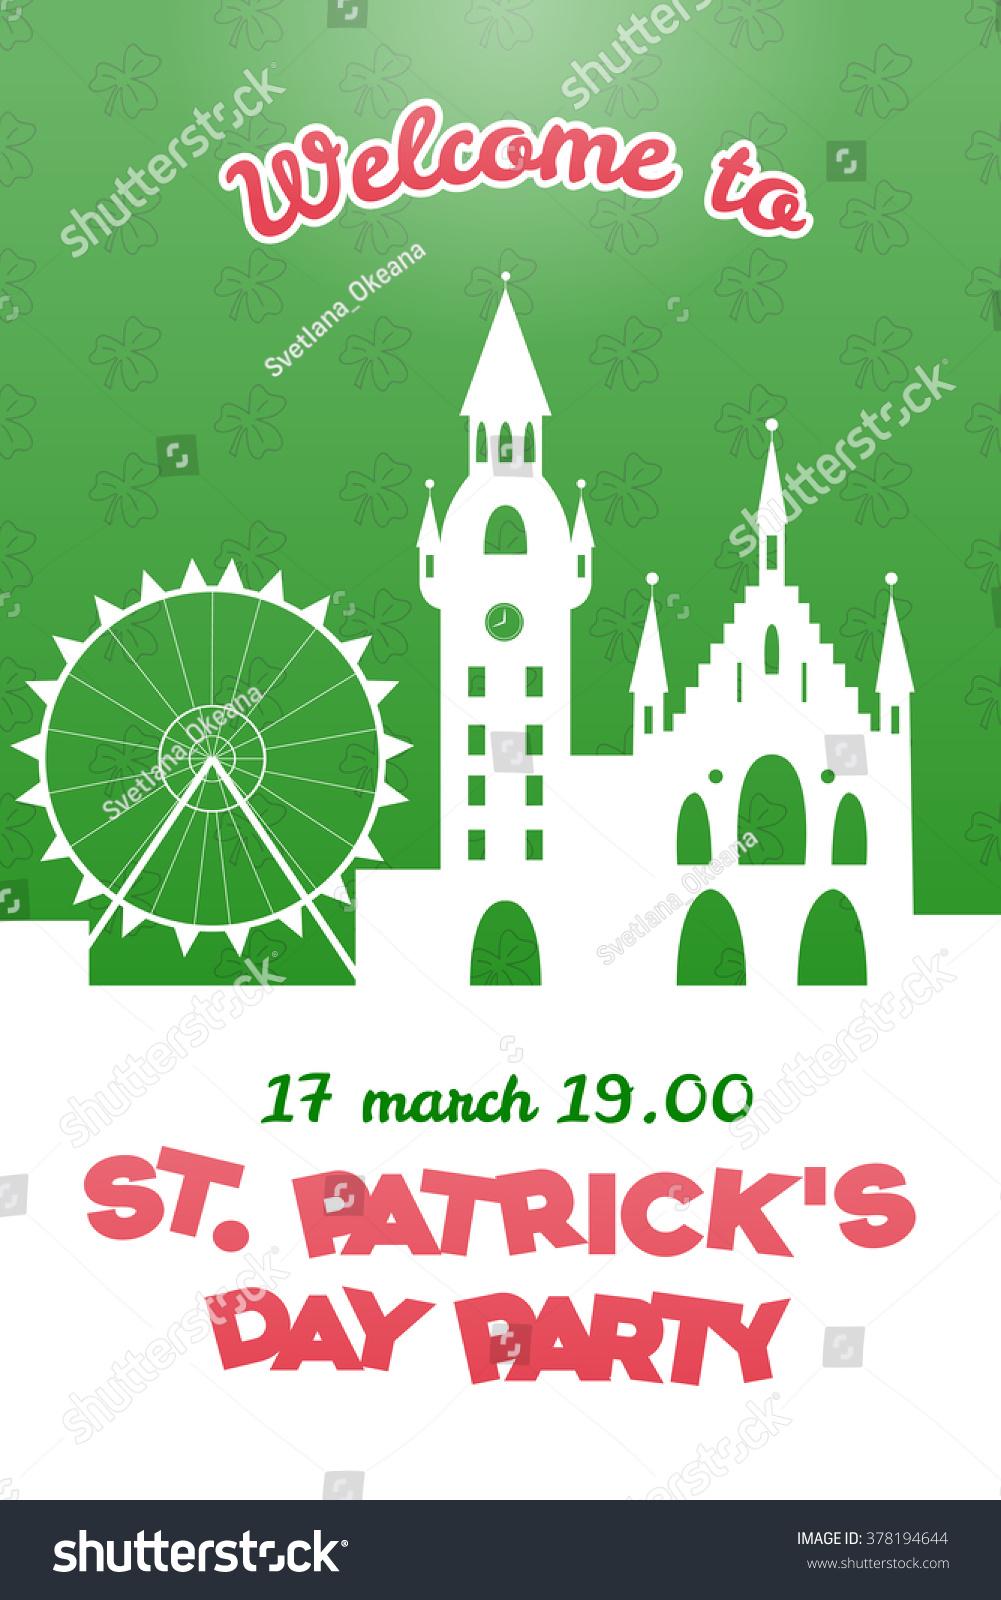 St Patricks Day Party Invitation Irish Stock Vector 378194644 ...